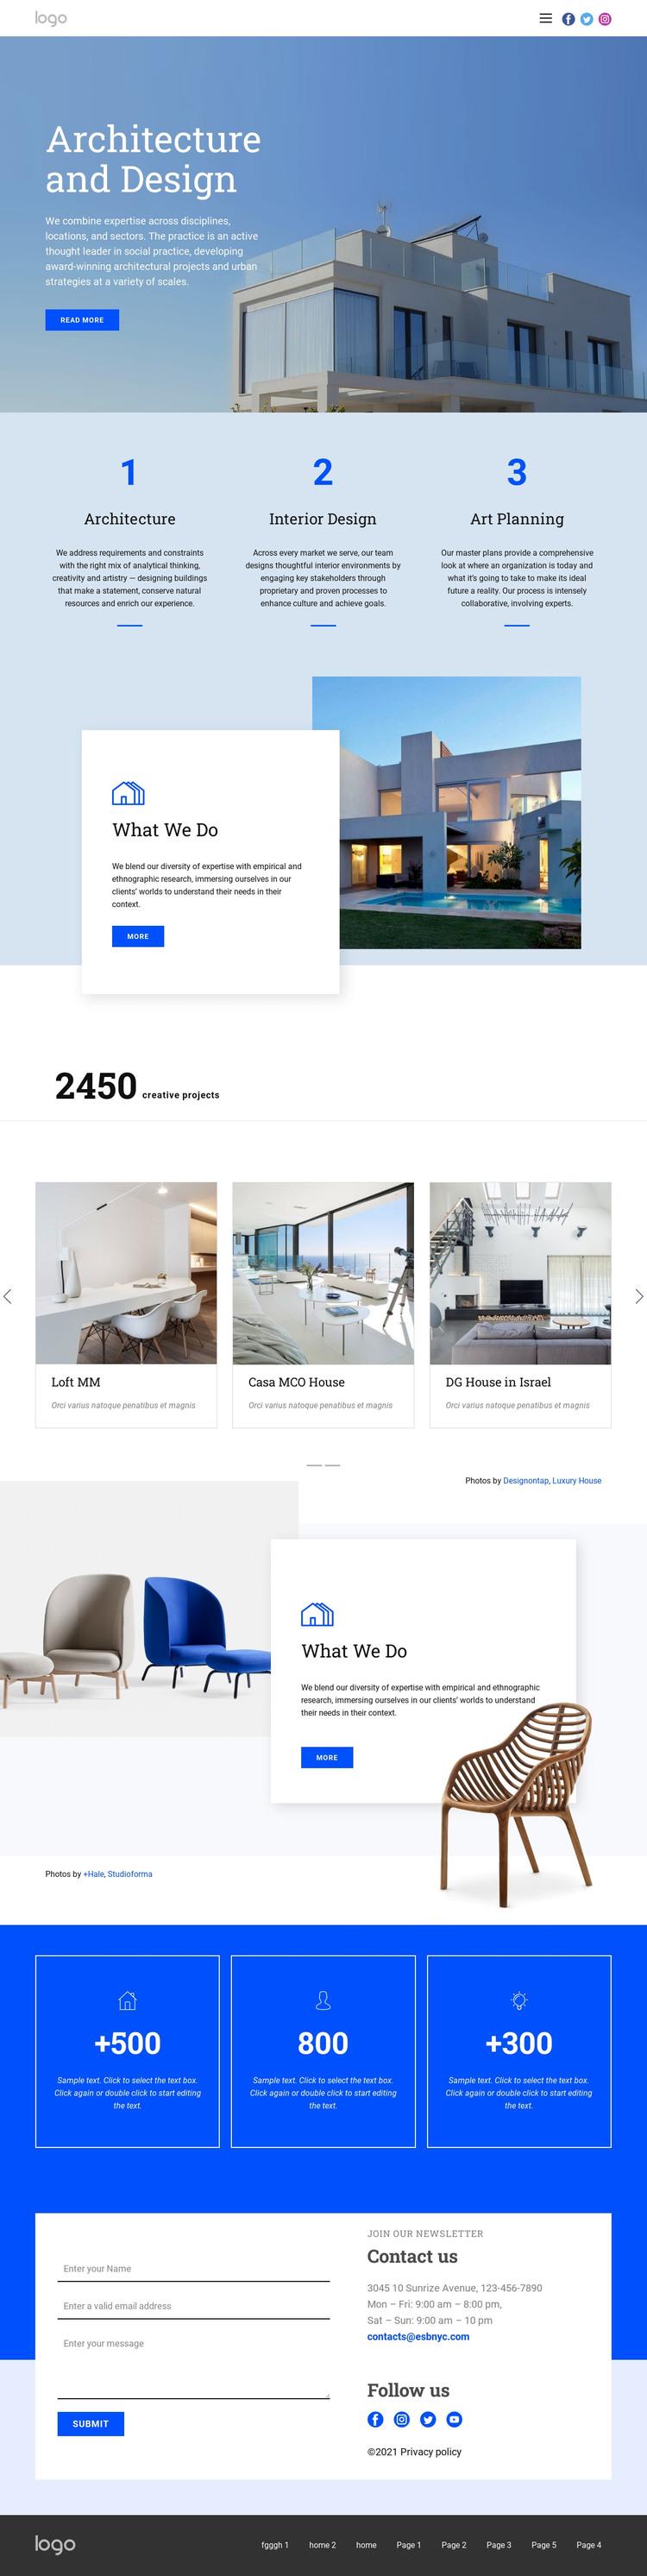 Architecture and design Web Design